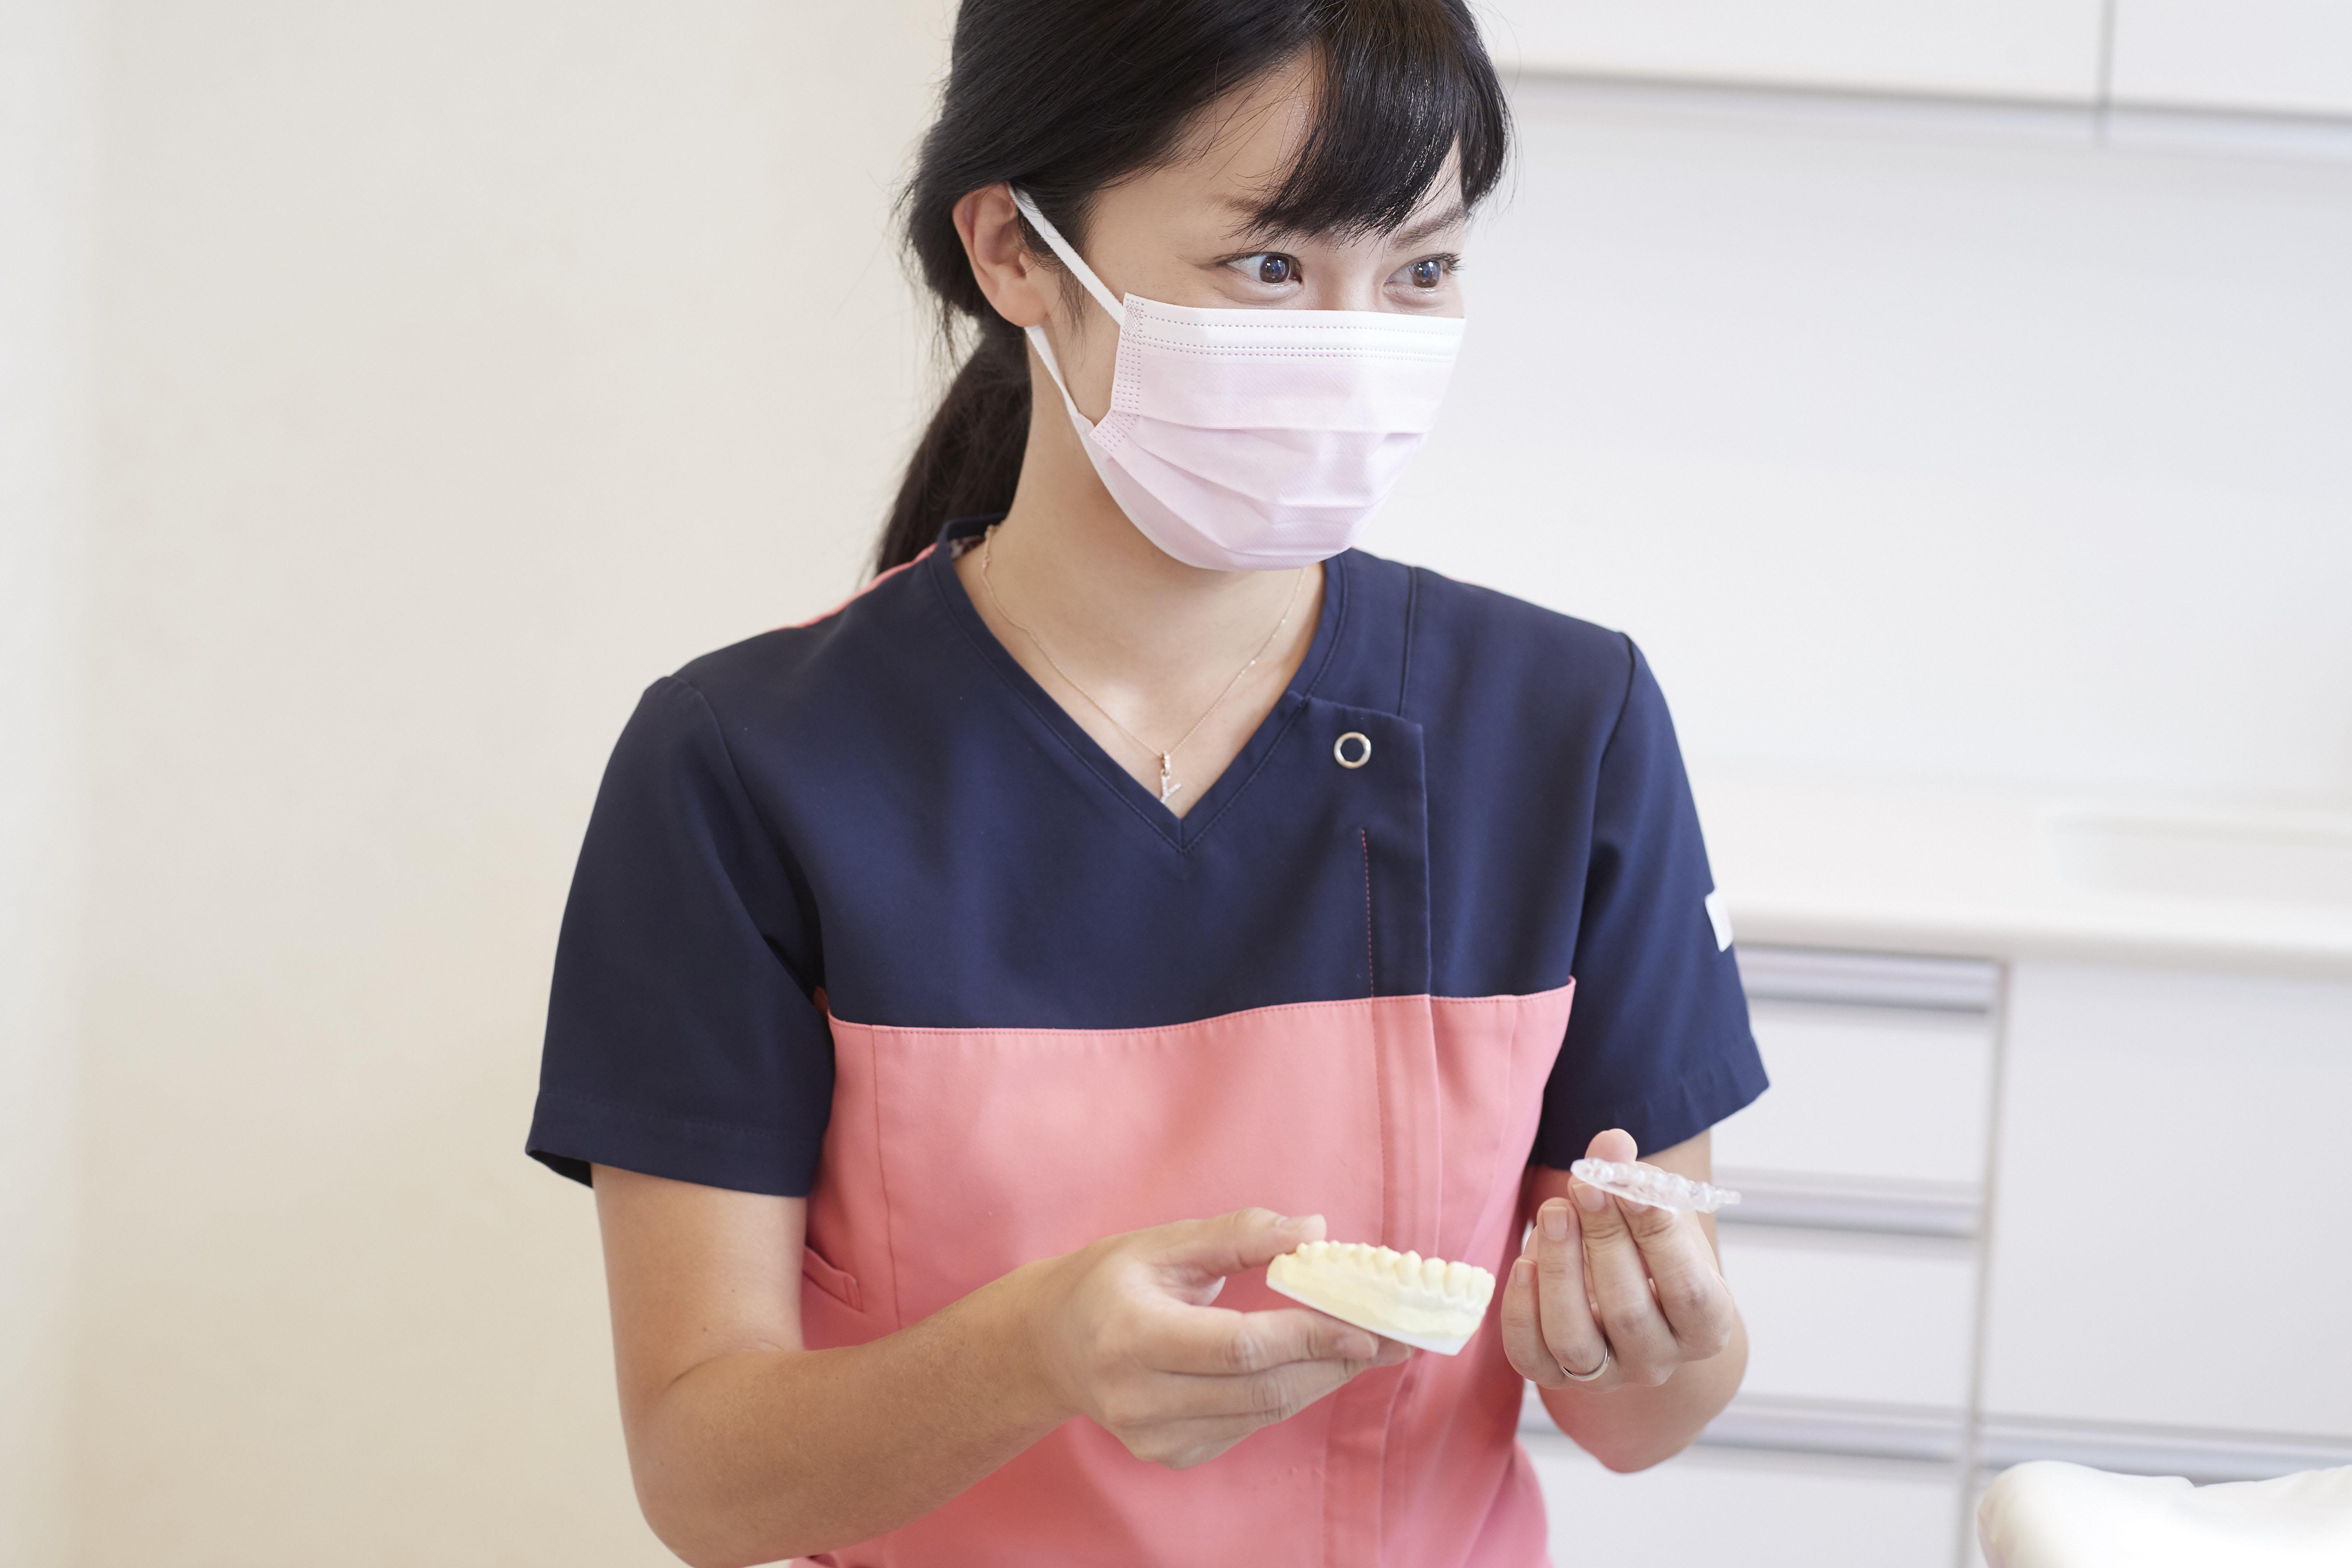 神戸三宮谷歯科クリニックでは、お一人おひとりに合わせたマウスピース・ナイトガードを作製しています。